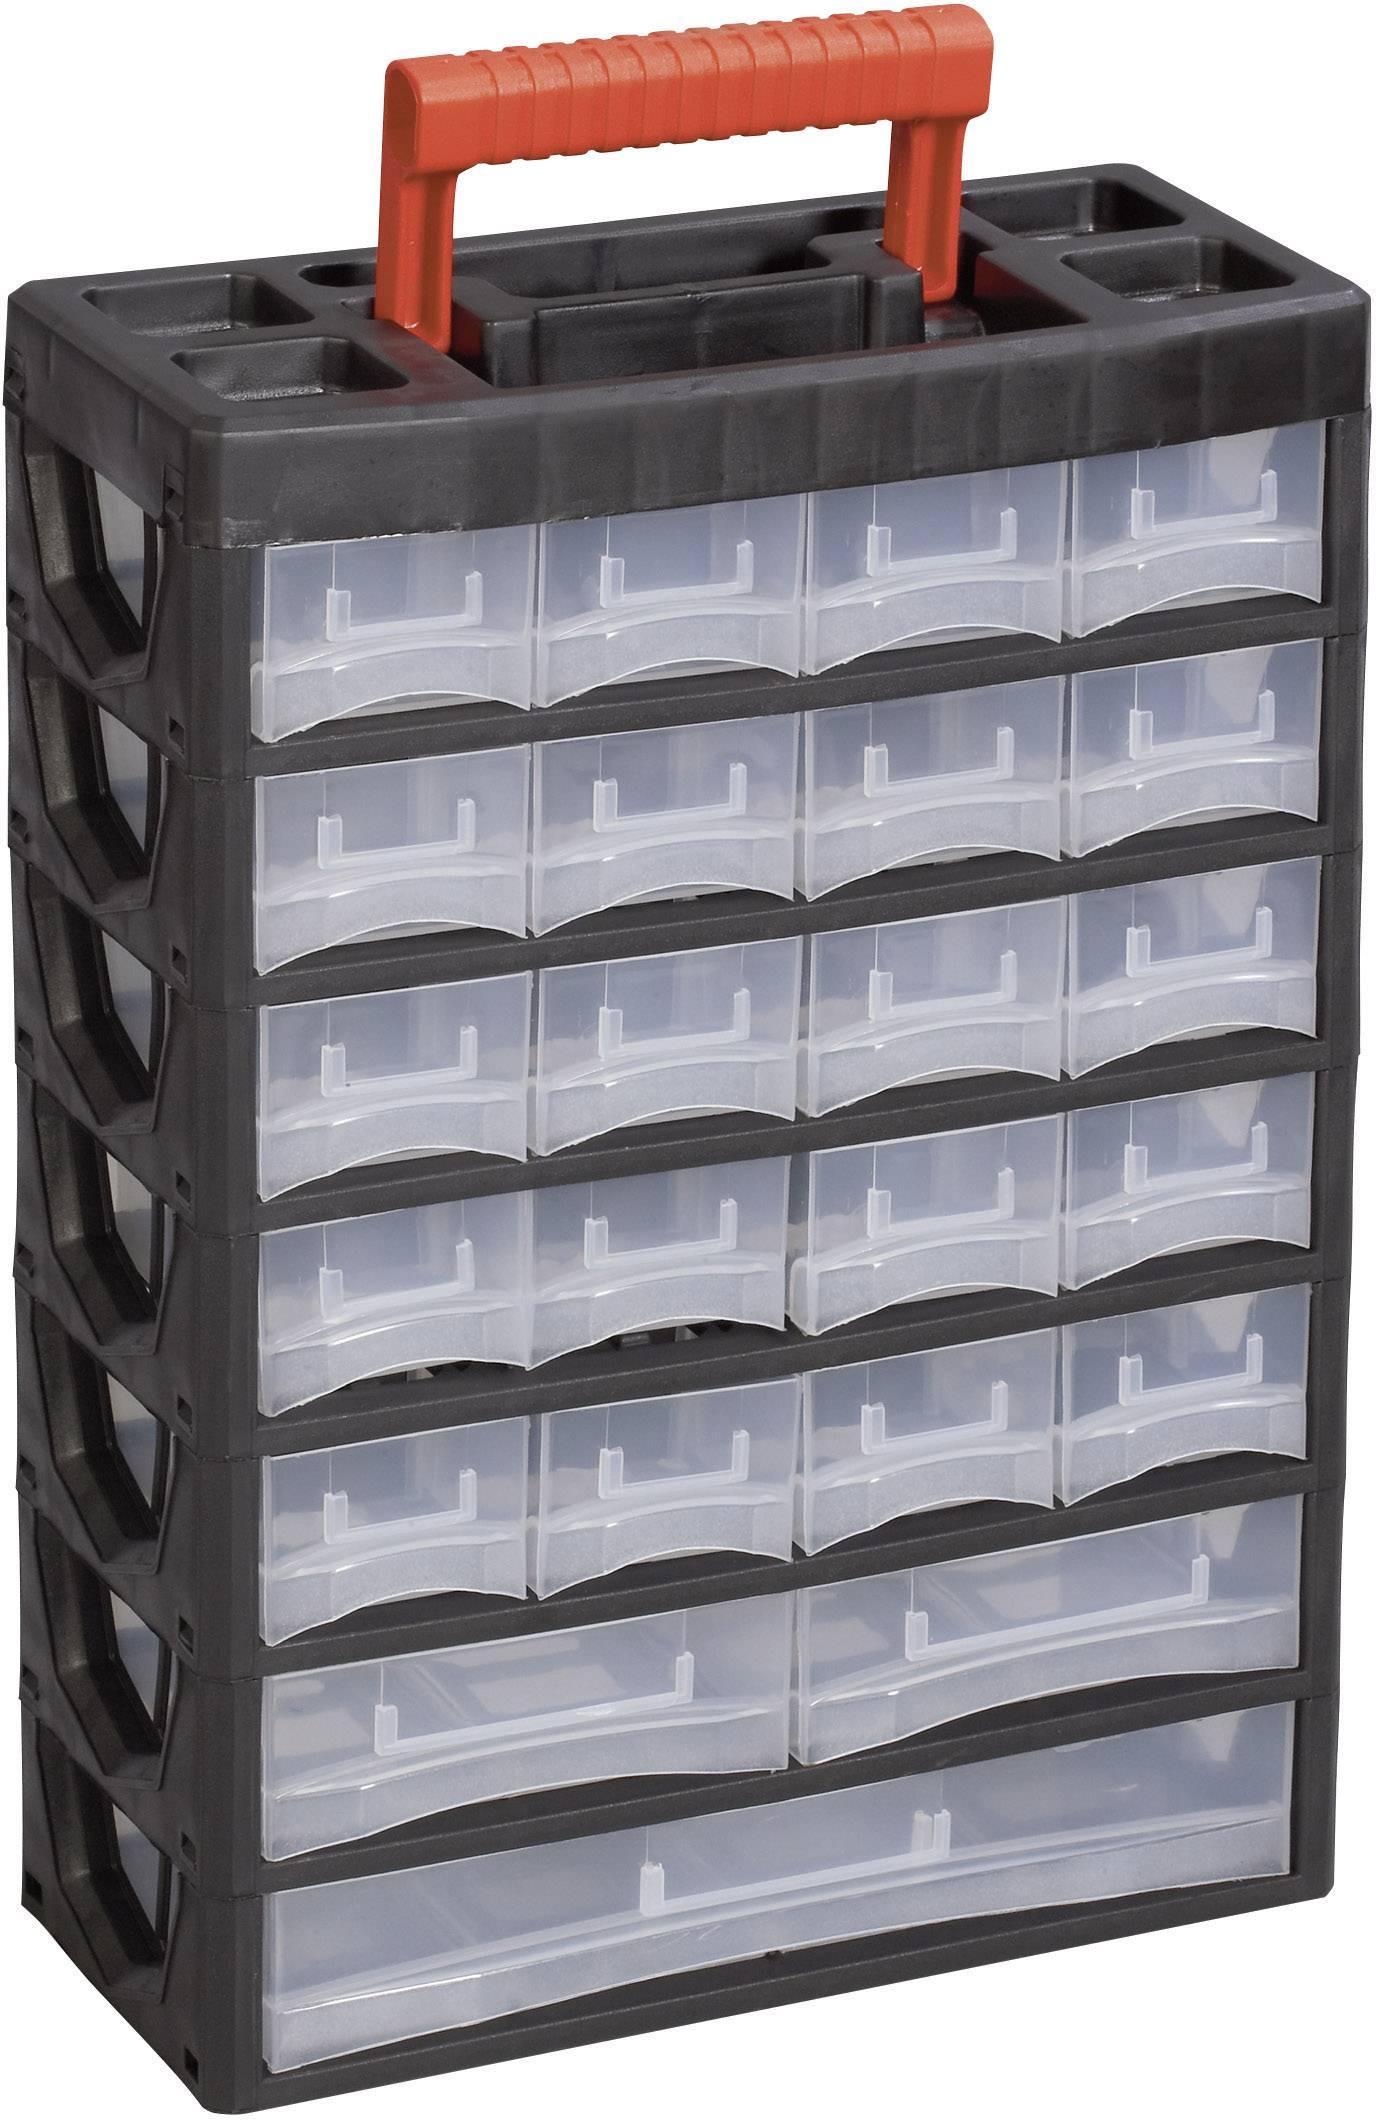 Organizér na drobné nářadí Alutec 56670, 315 x 140 x 445 mm